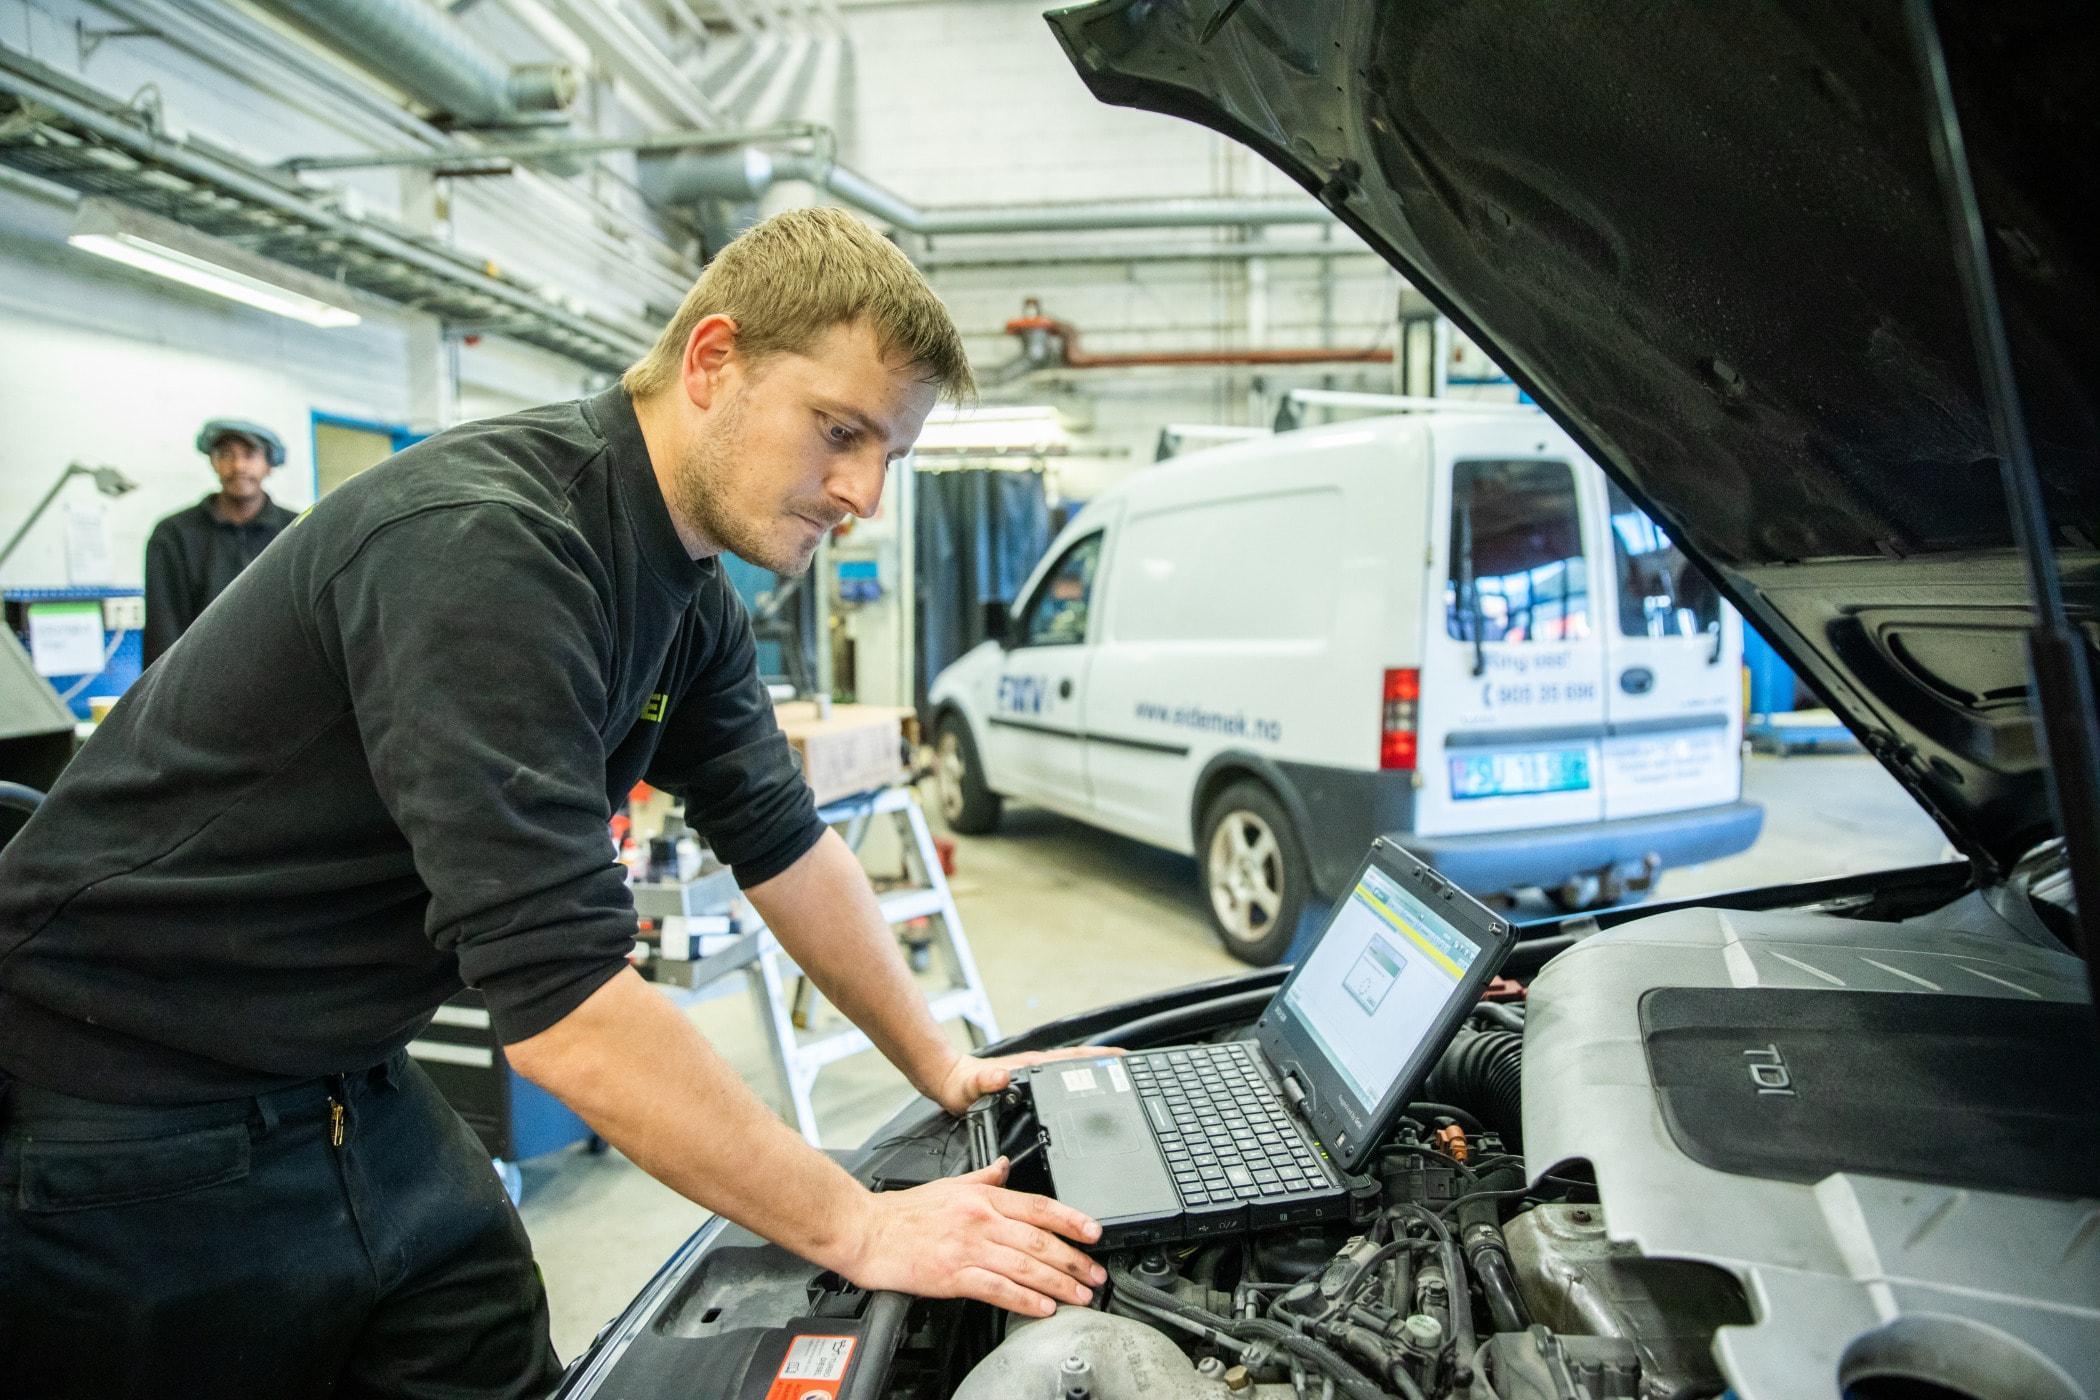 Automobile repair shop, Automotive design, Auto mechanic, Motor vehicle